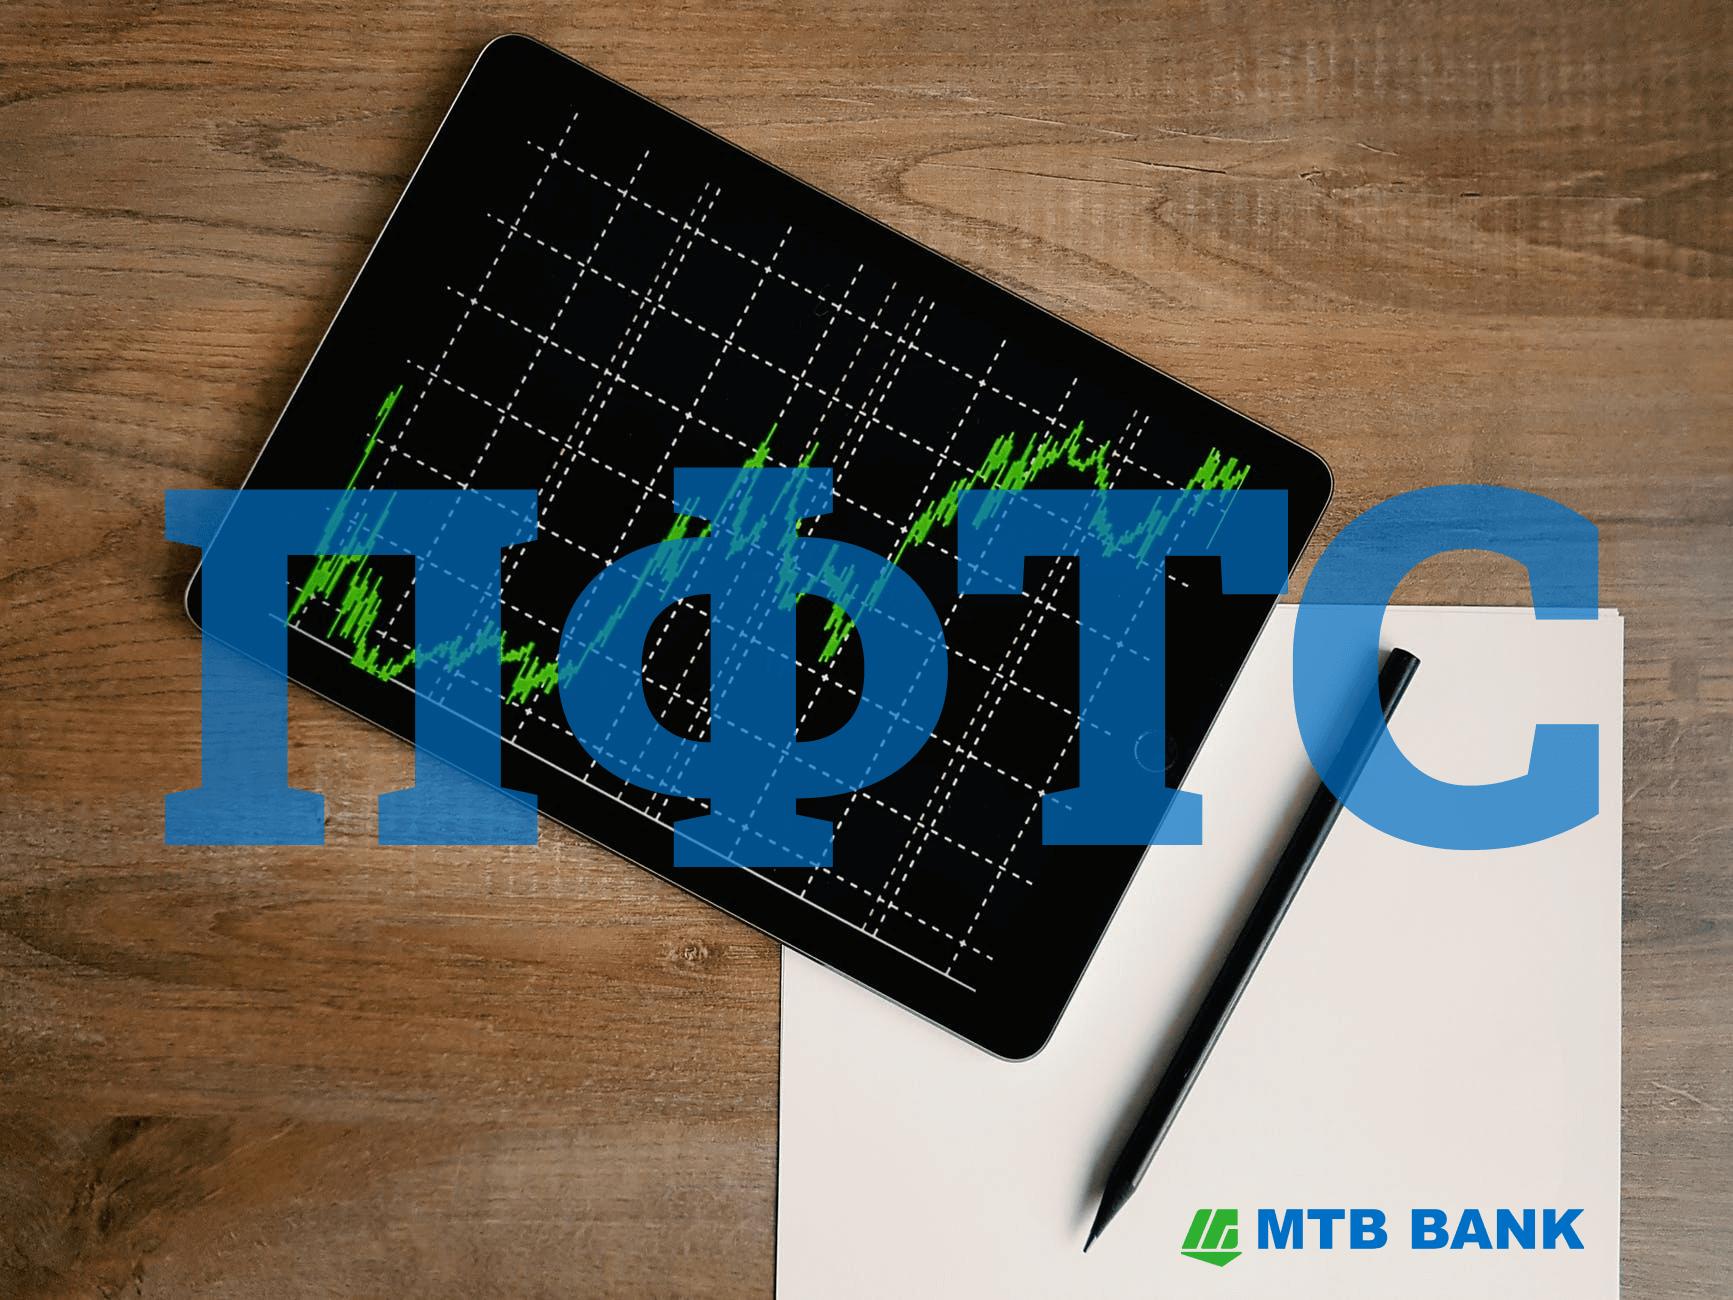 МТБ БАНК вошел в ТОП-5 торговцев муниципальными облигациями и в ТОП-10 торговцев акциями предприятий на фондовой бирже ПФТС  - фото - mtb.ua